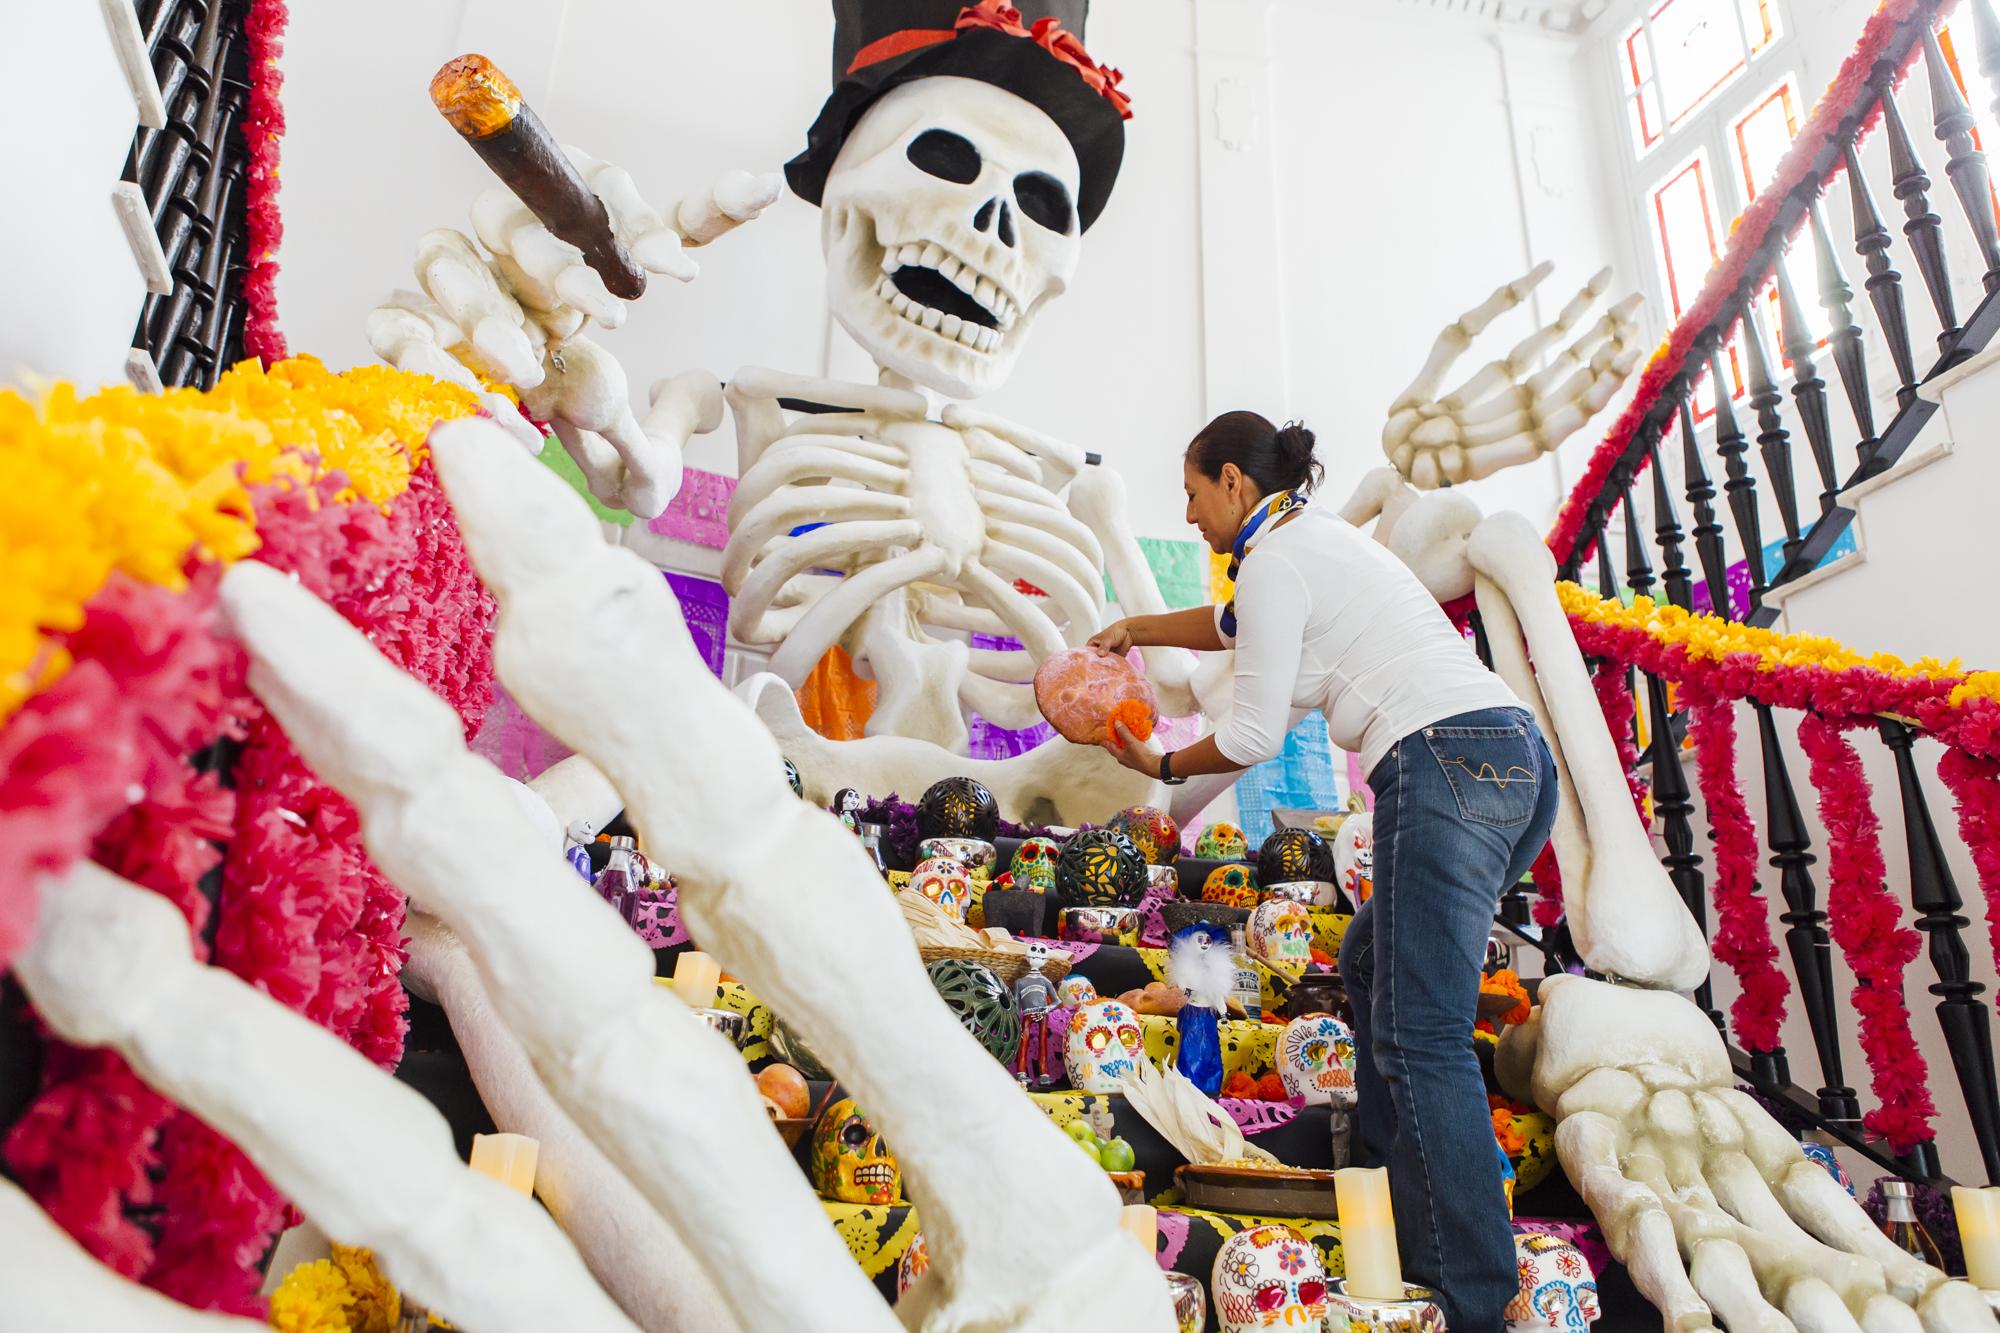 Carmen Rosas, encargada de los talleres de artesanía, completando la ofrenda a los difuntos con pan de muertos, cuyo aroma flota en el 'hall'.